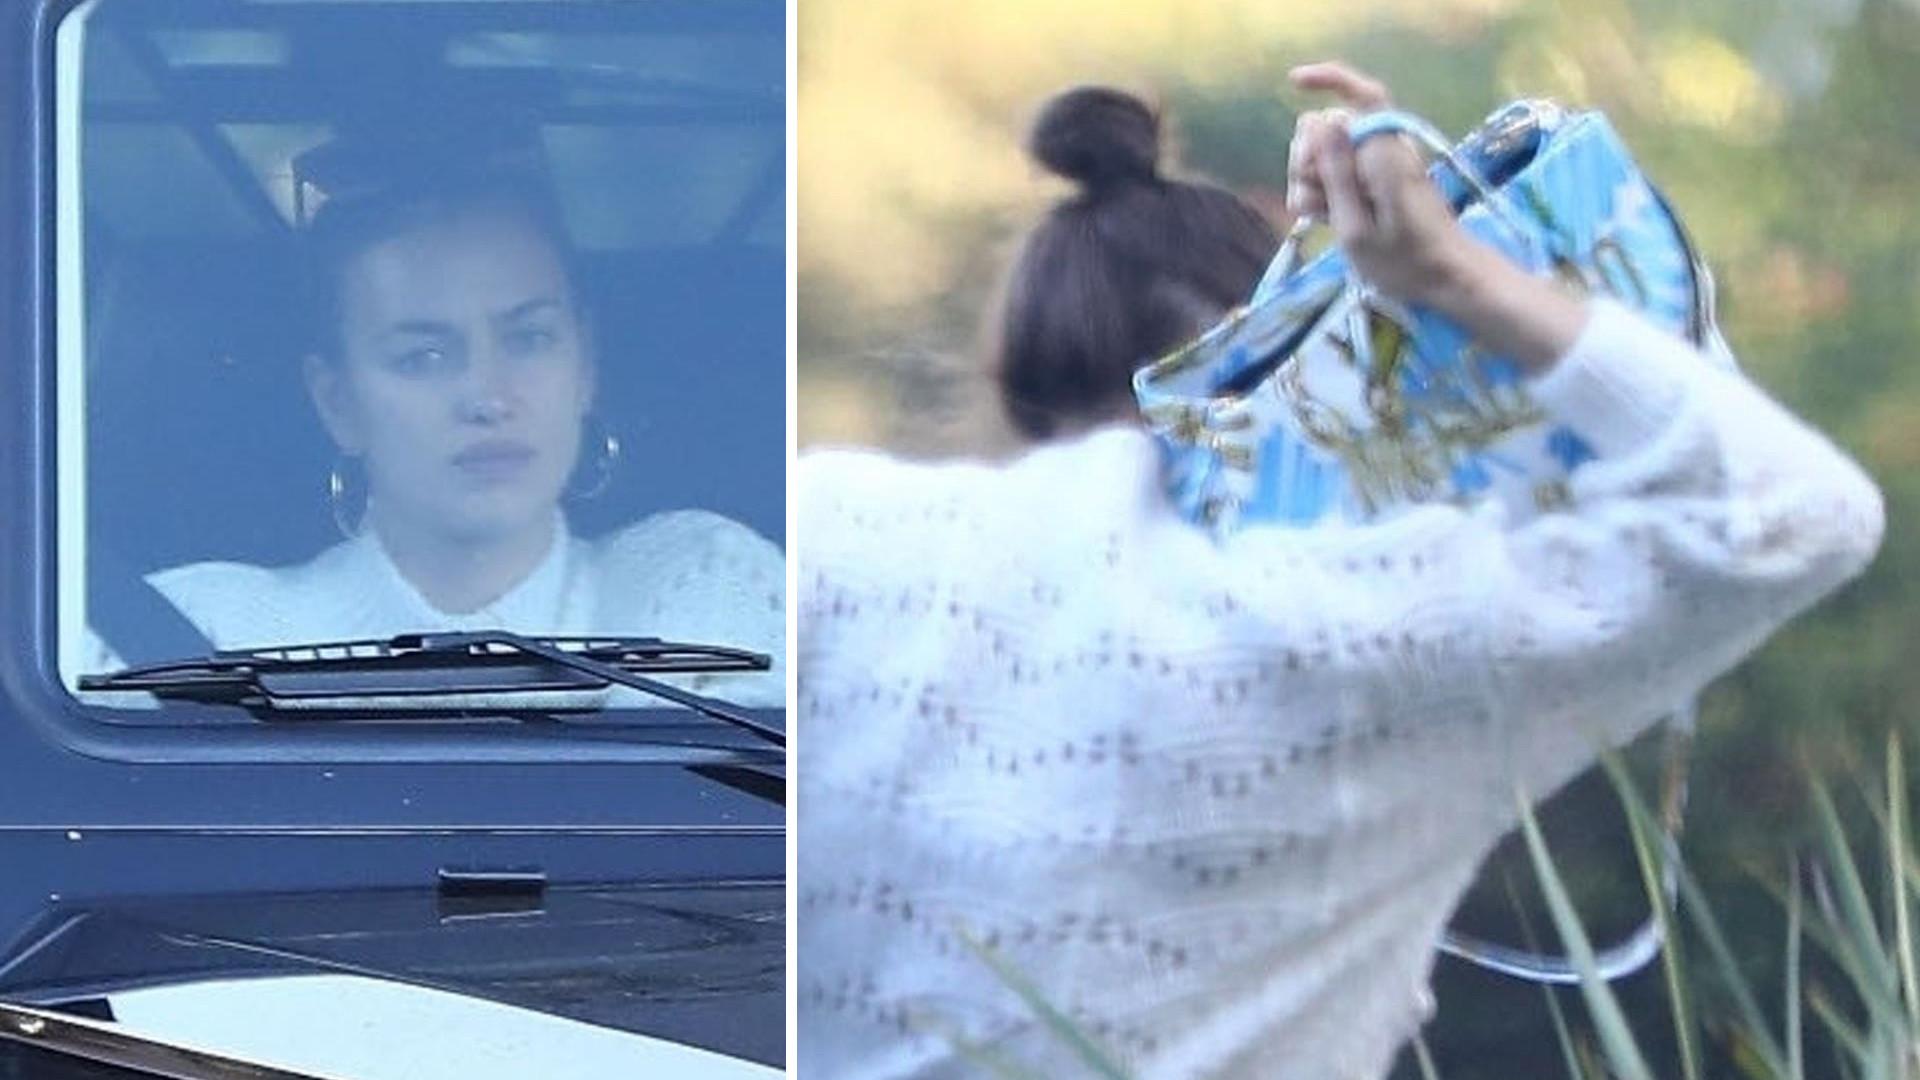 Pochmurna Irina Shayk chowa się przed paparazzi (ZDJĘCIA)